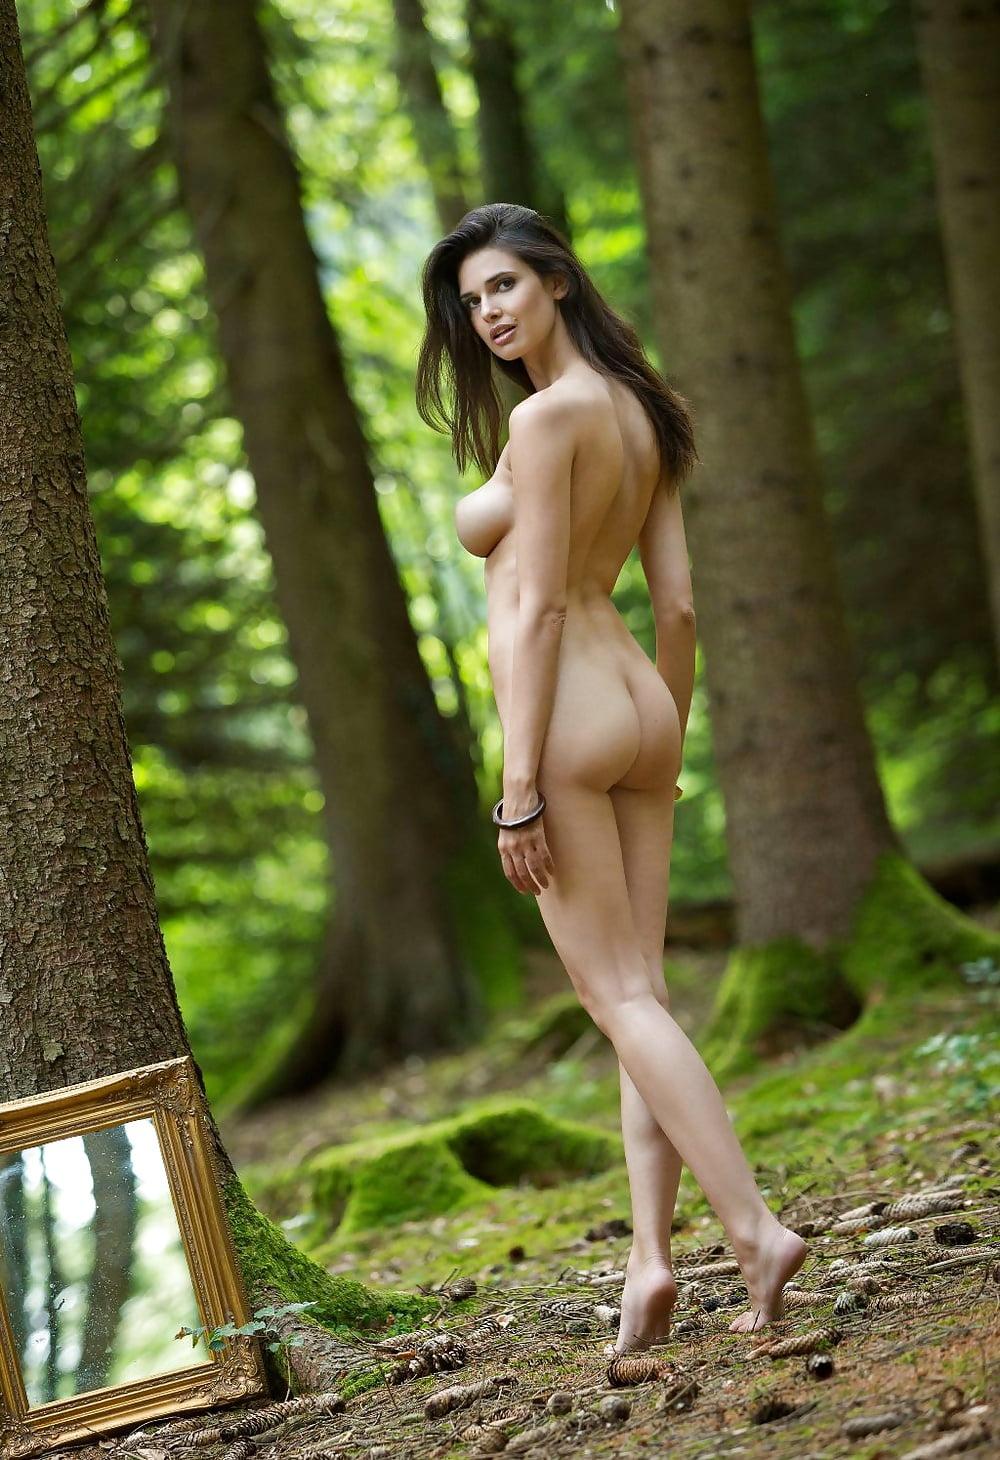 supernaturals-nudes